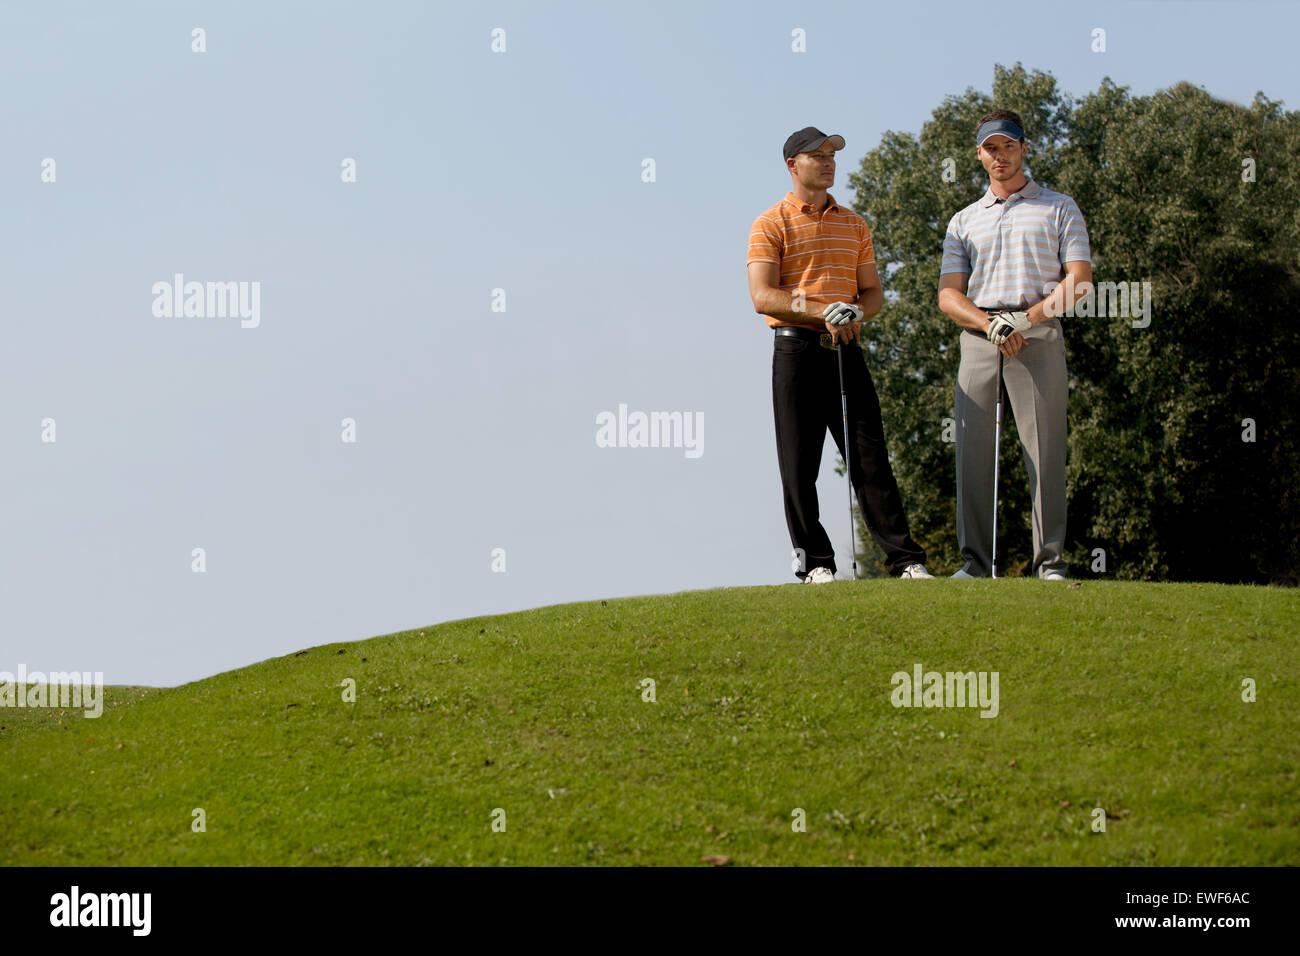 Portrait de jeunes hommes debout avec des bâtons de golf on golf course Photo Stock